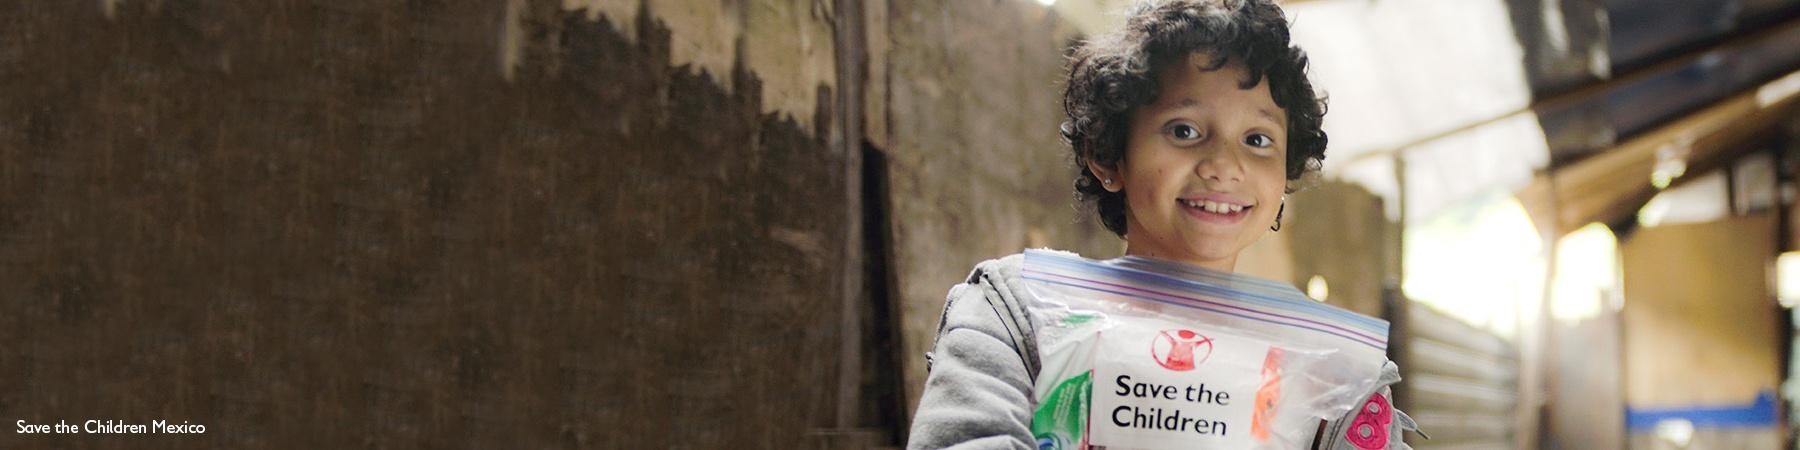 bambino messicano con in mano un kit igienico per la prevenzione coronavirus